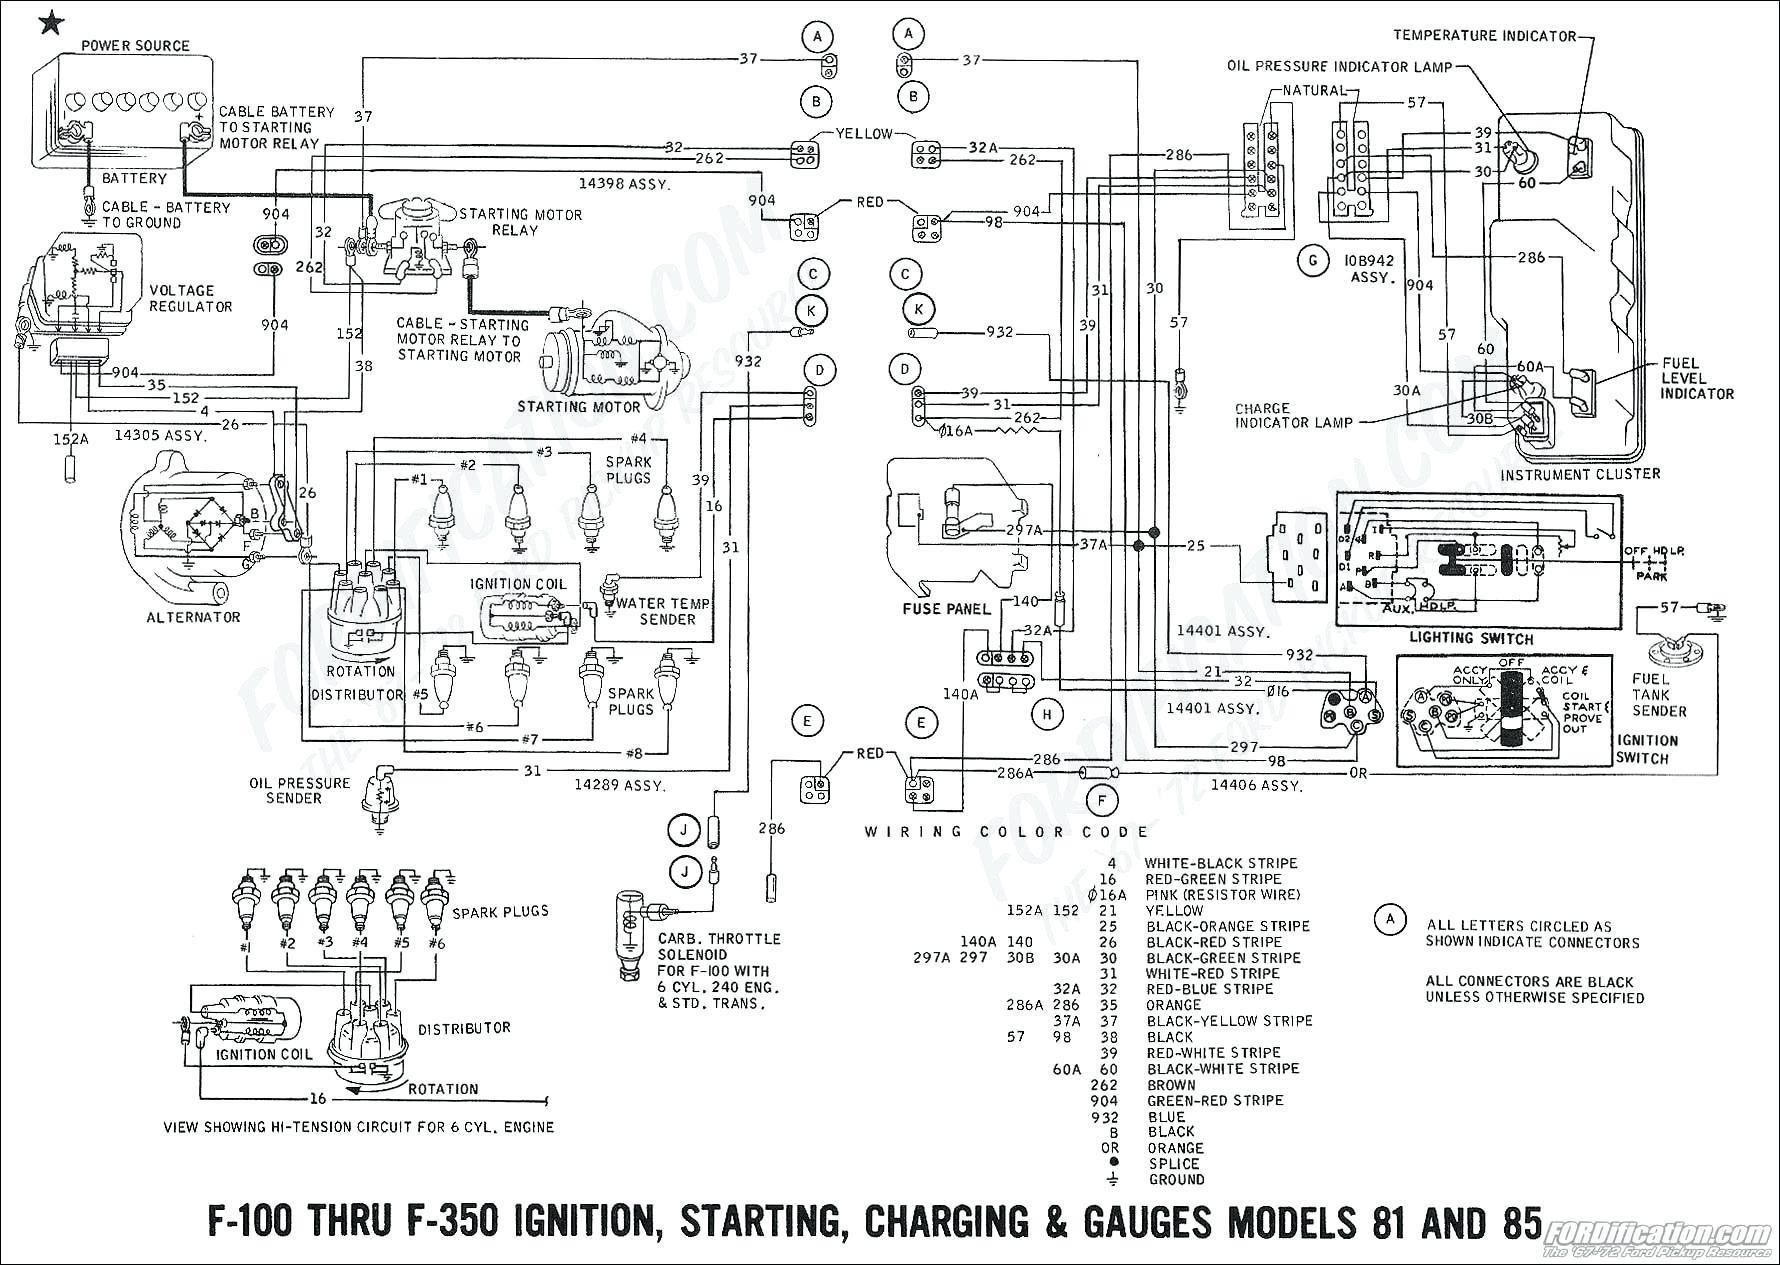 [DIAGRAM_1JK]  1985 Ford F 350 Truck Wiring Diagrams - 2004 Suzuki Xl7 Engine Diagram -  deviille.lalu.decorresine.it | 1985 6 9l Ford F 250 Diesel 4x4 Wiring Diagram |  | Wiring Diagram Resource